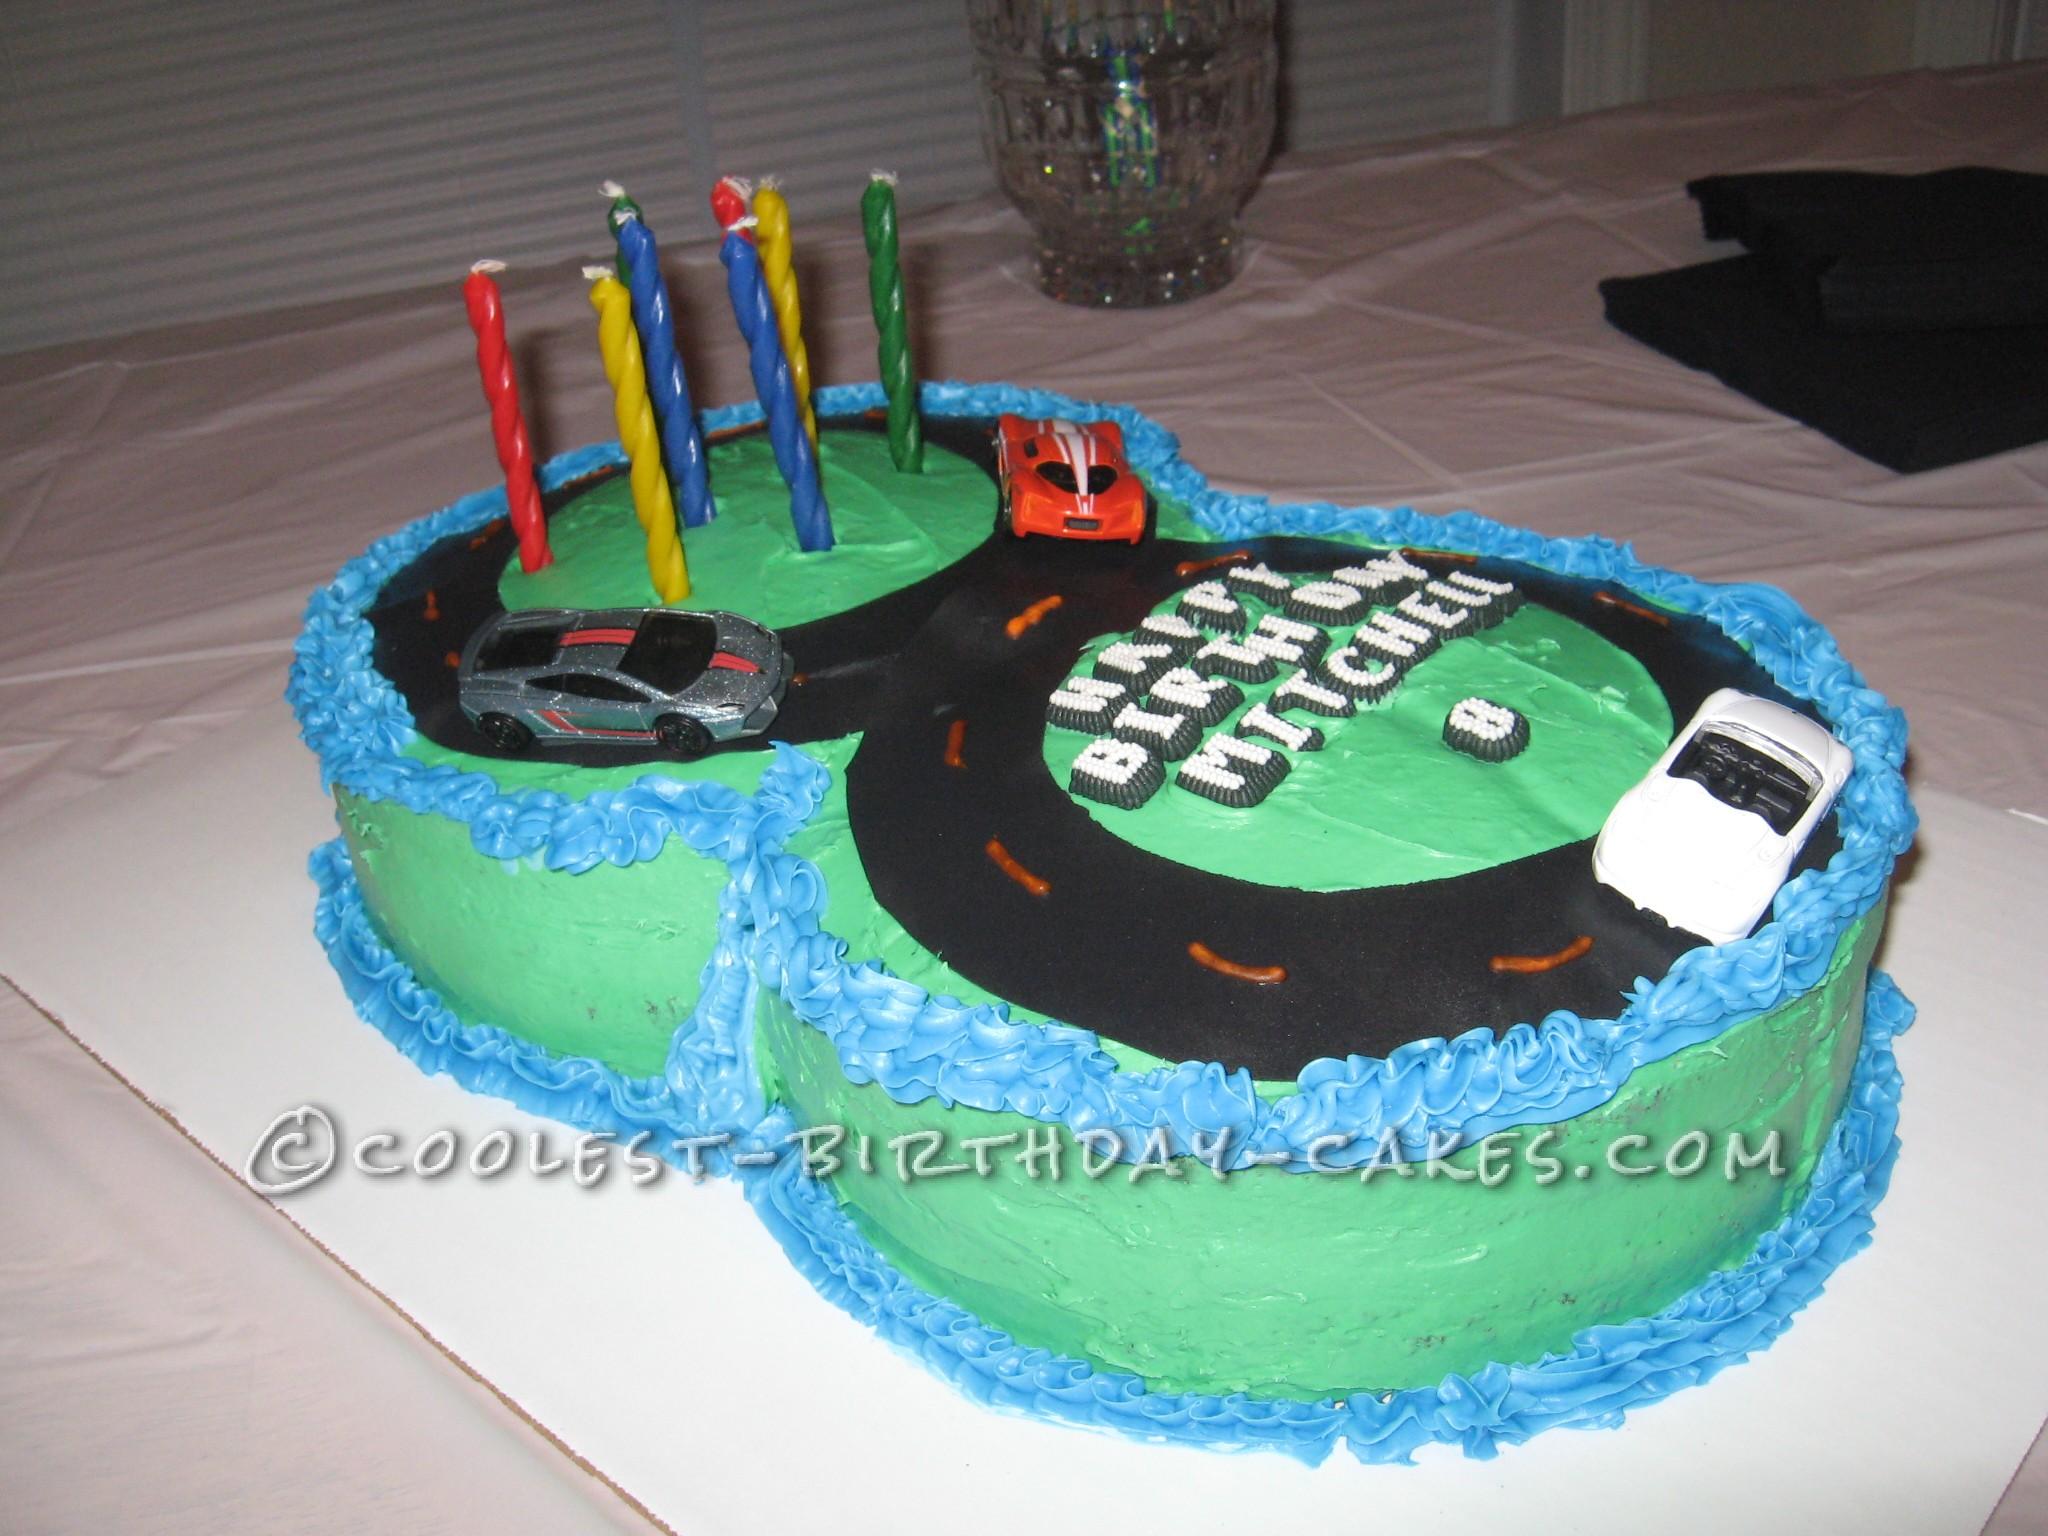 8 Year Old Boy Birthday Cake Ideas